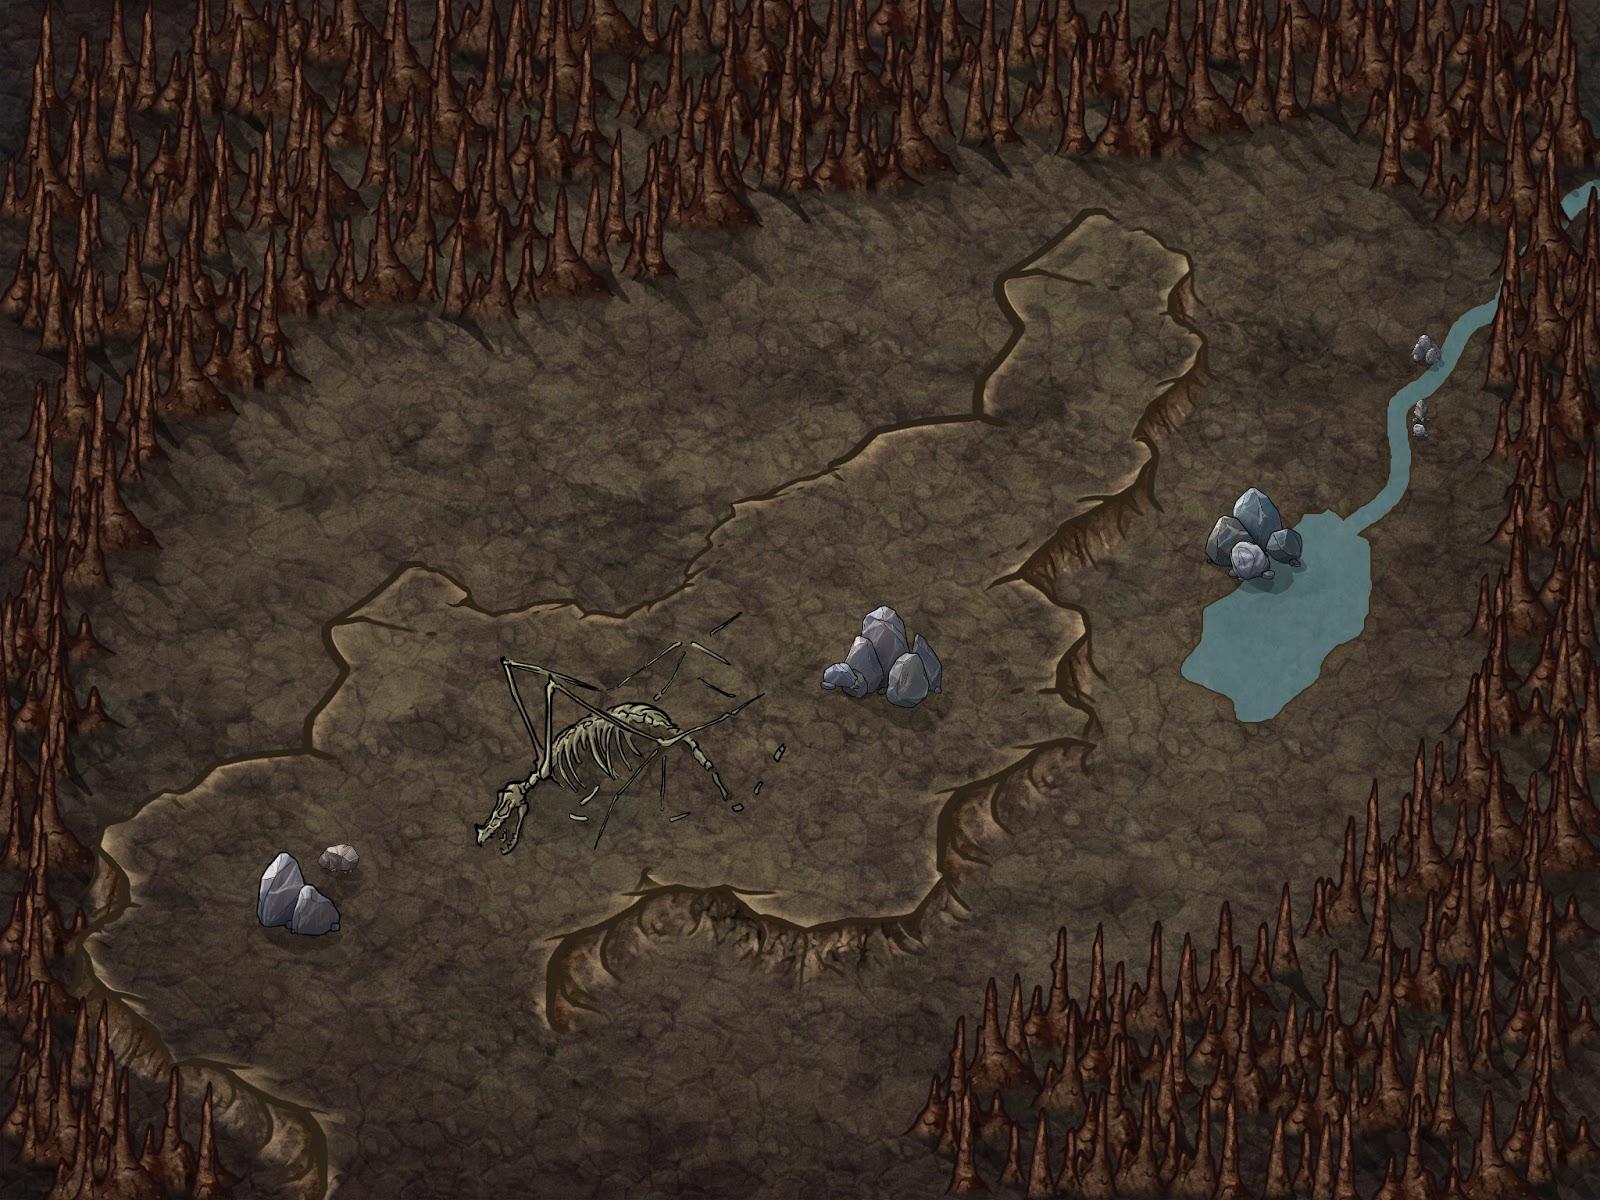 Aventuras D&D 5 Edición - La Ambición de Orobrillante - La Caverna del Dragón